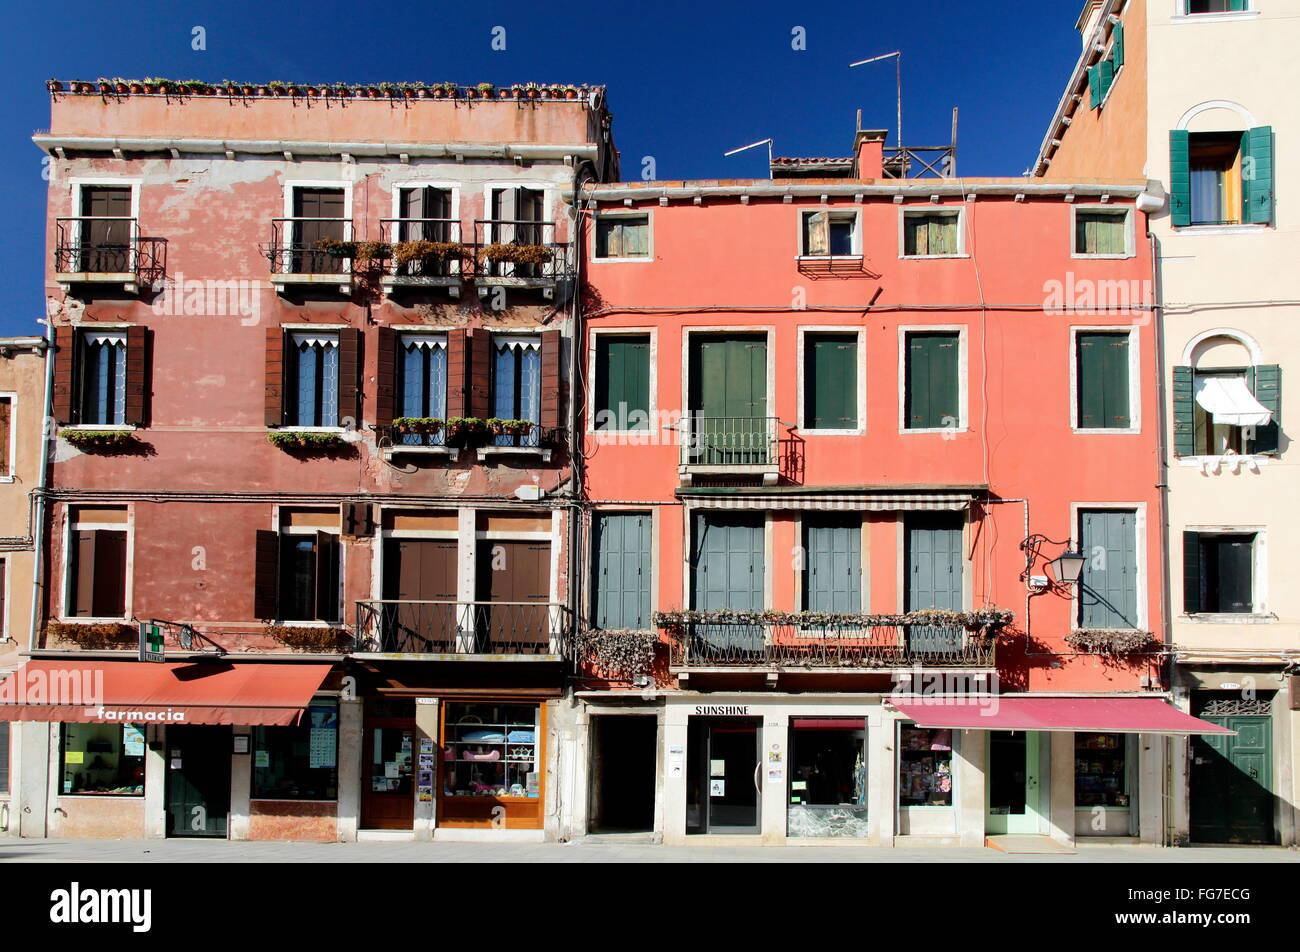 Geografia / viaggi, Italia, Veneto, Venezia, Castello trimestre, Via Giuseppe Garibaldi, Additional-Rights-Clearance Immagini Stock